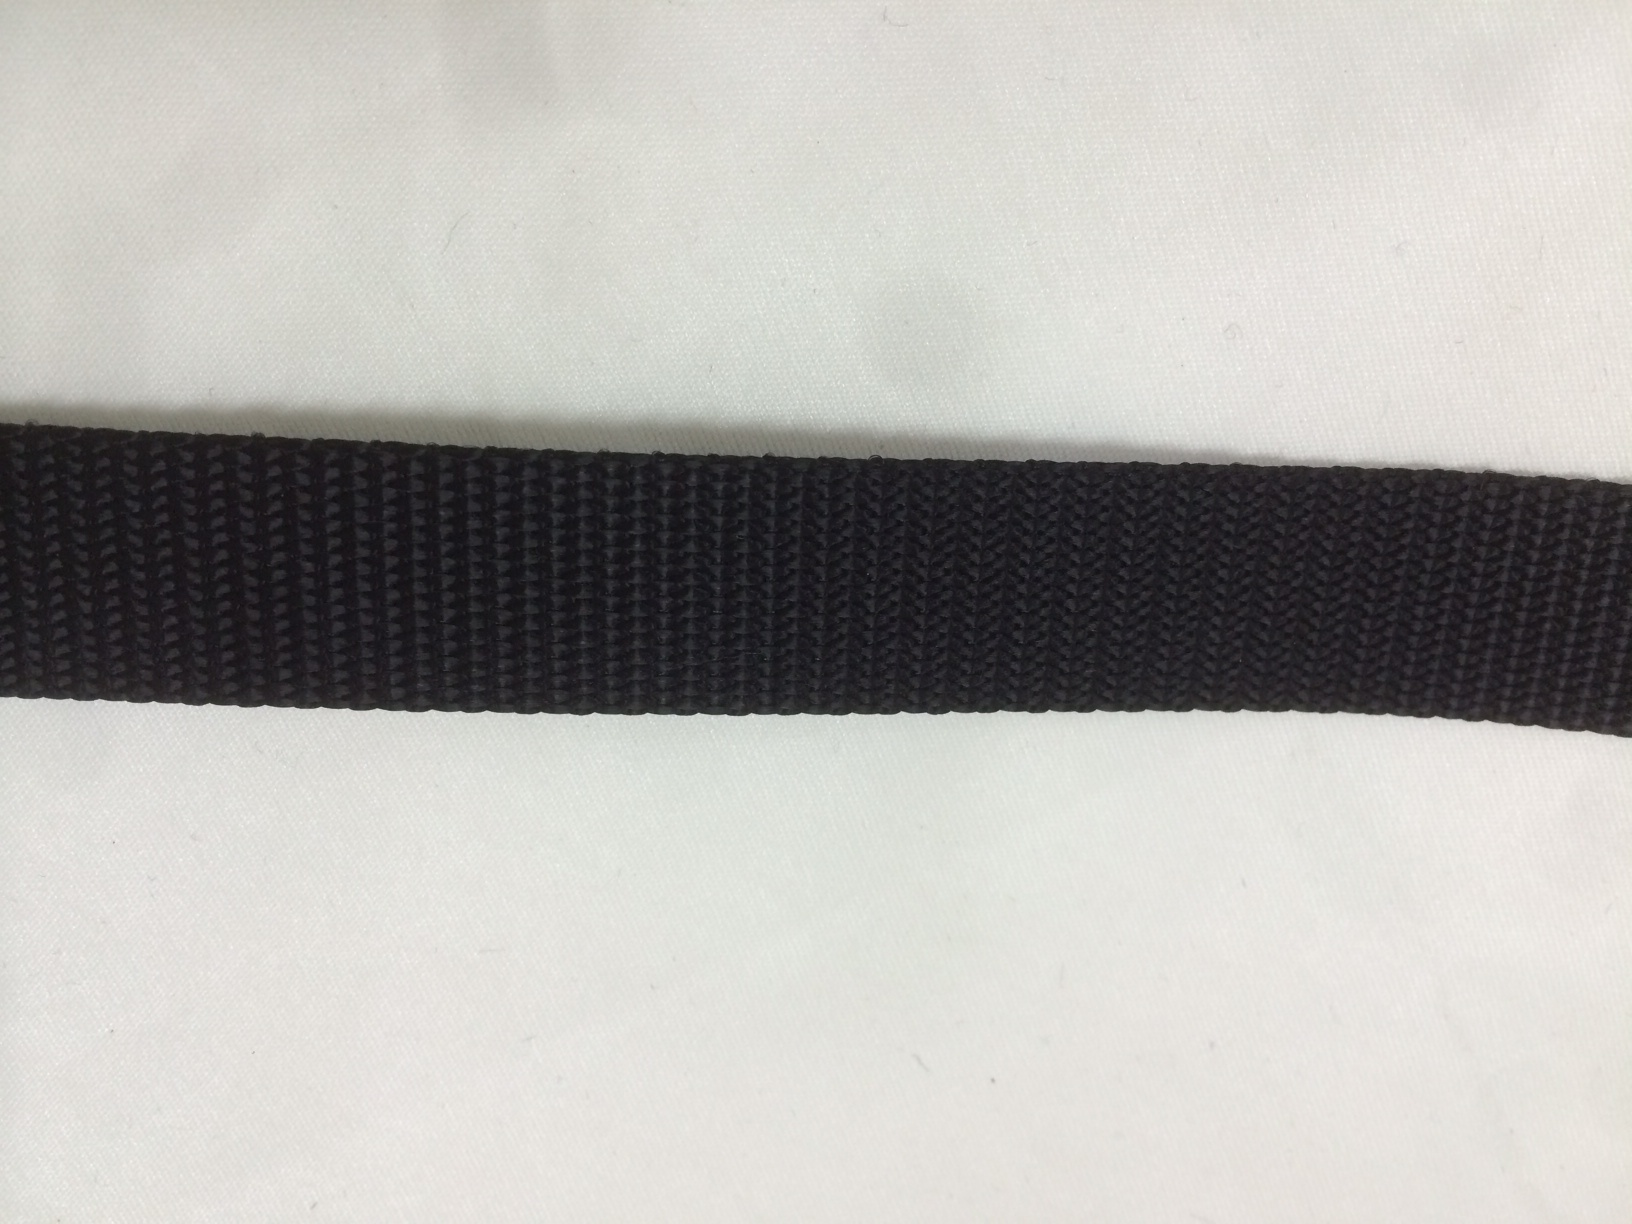 ナイロン 4本トジ 織10mm幅 黒 1巻 (50m)